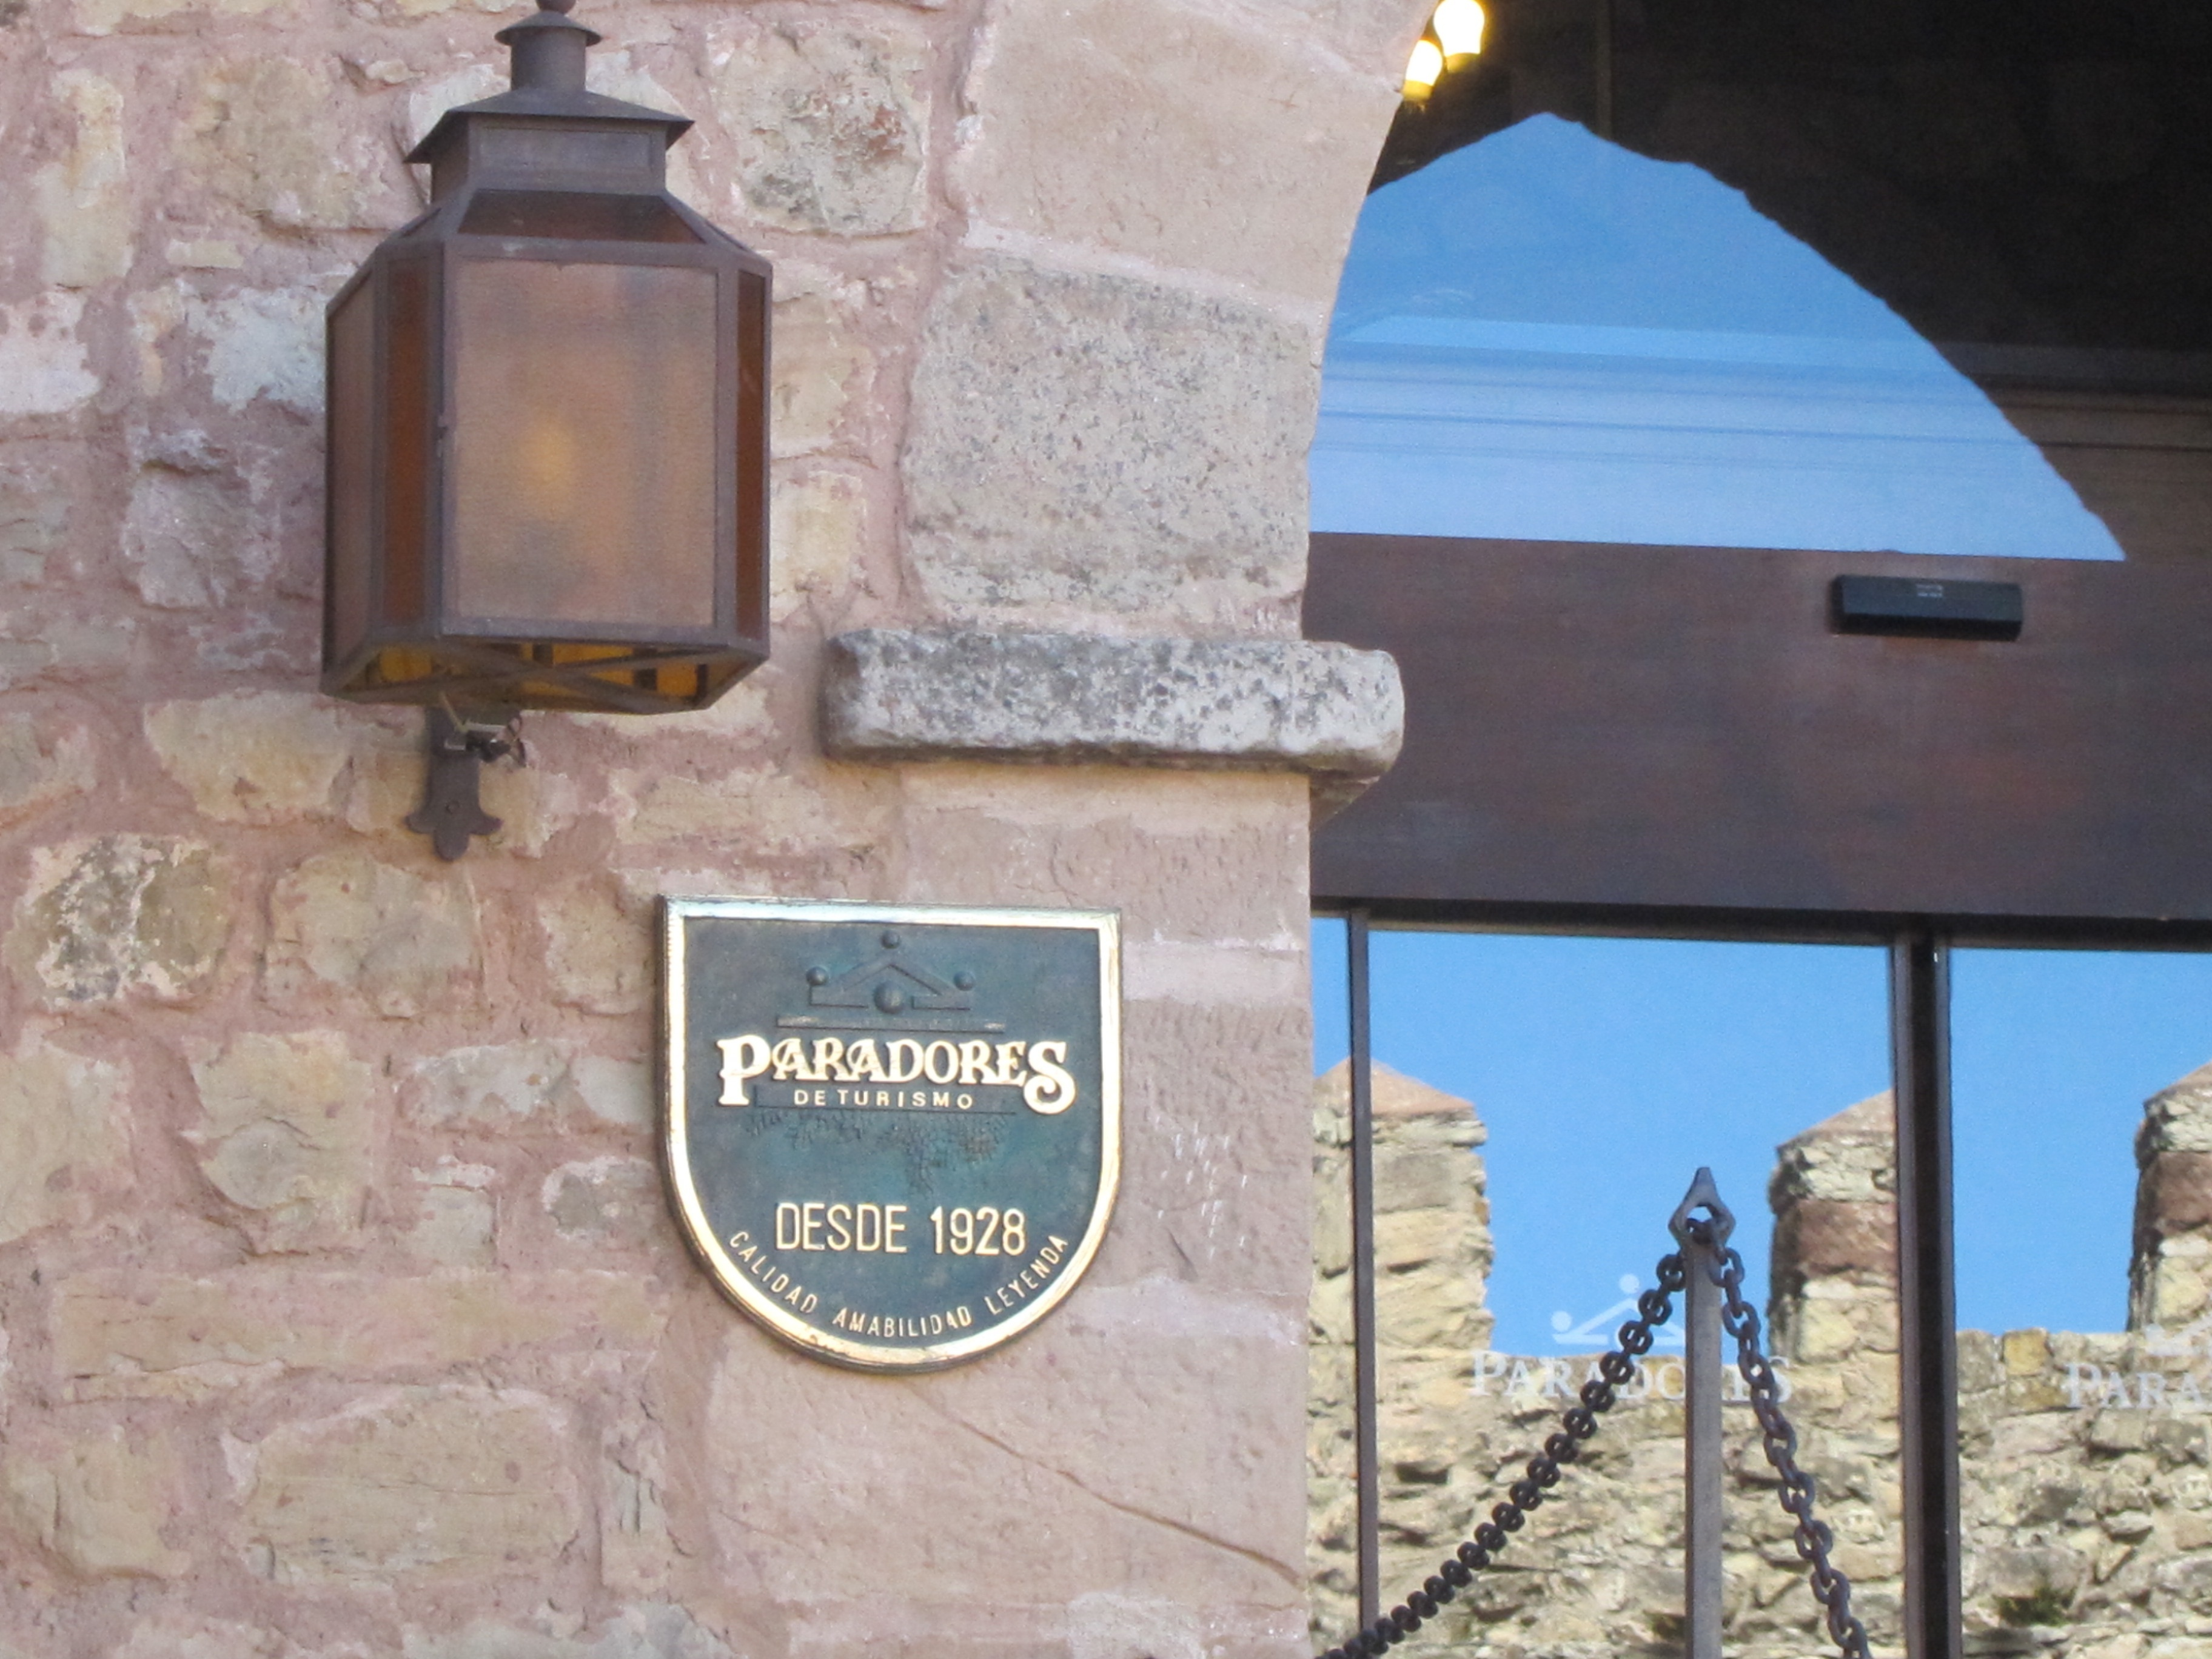 Paradores reabrirá este sábado su establecimiento de Guadalupe (Cáceres) y otros siete tras su cierre por vacaciones